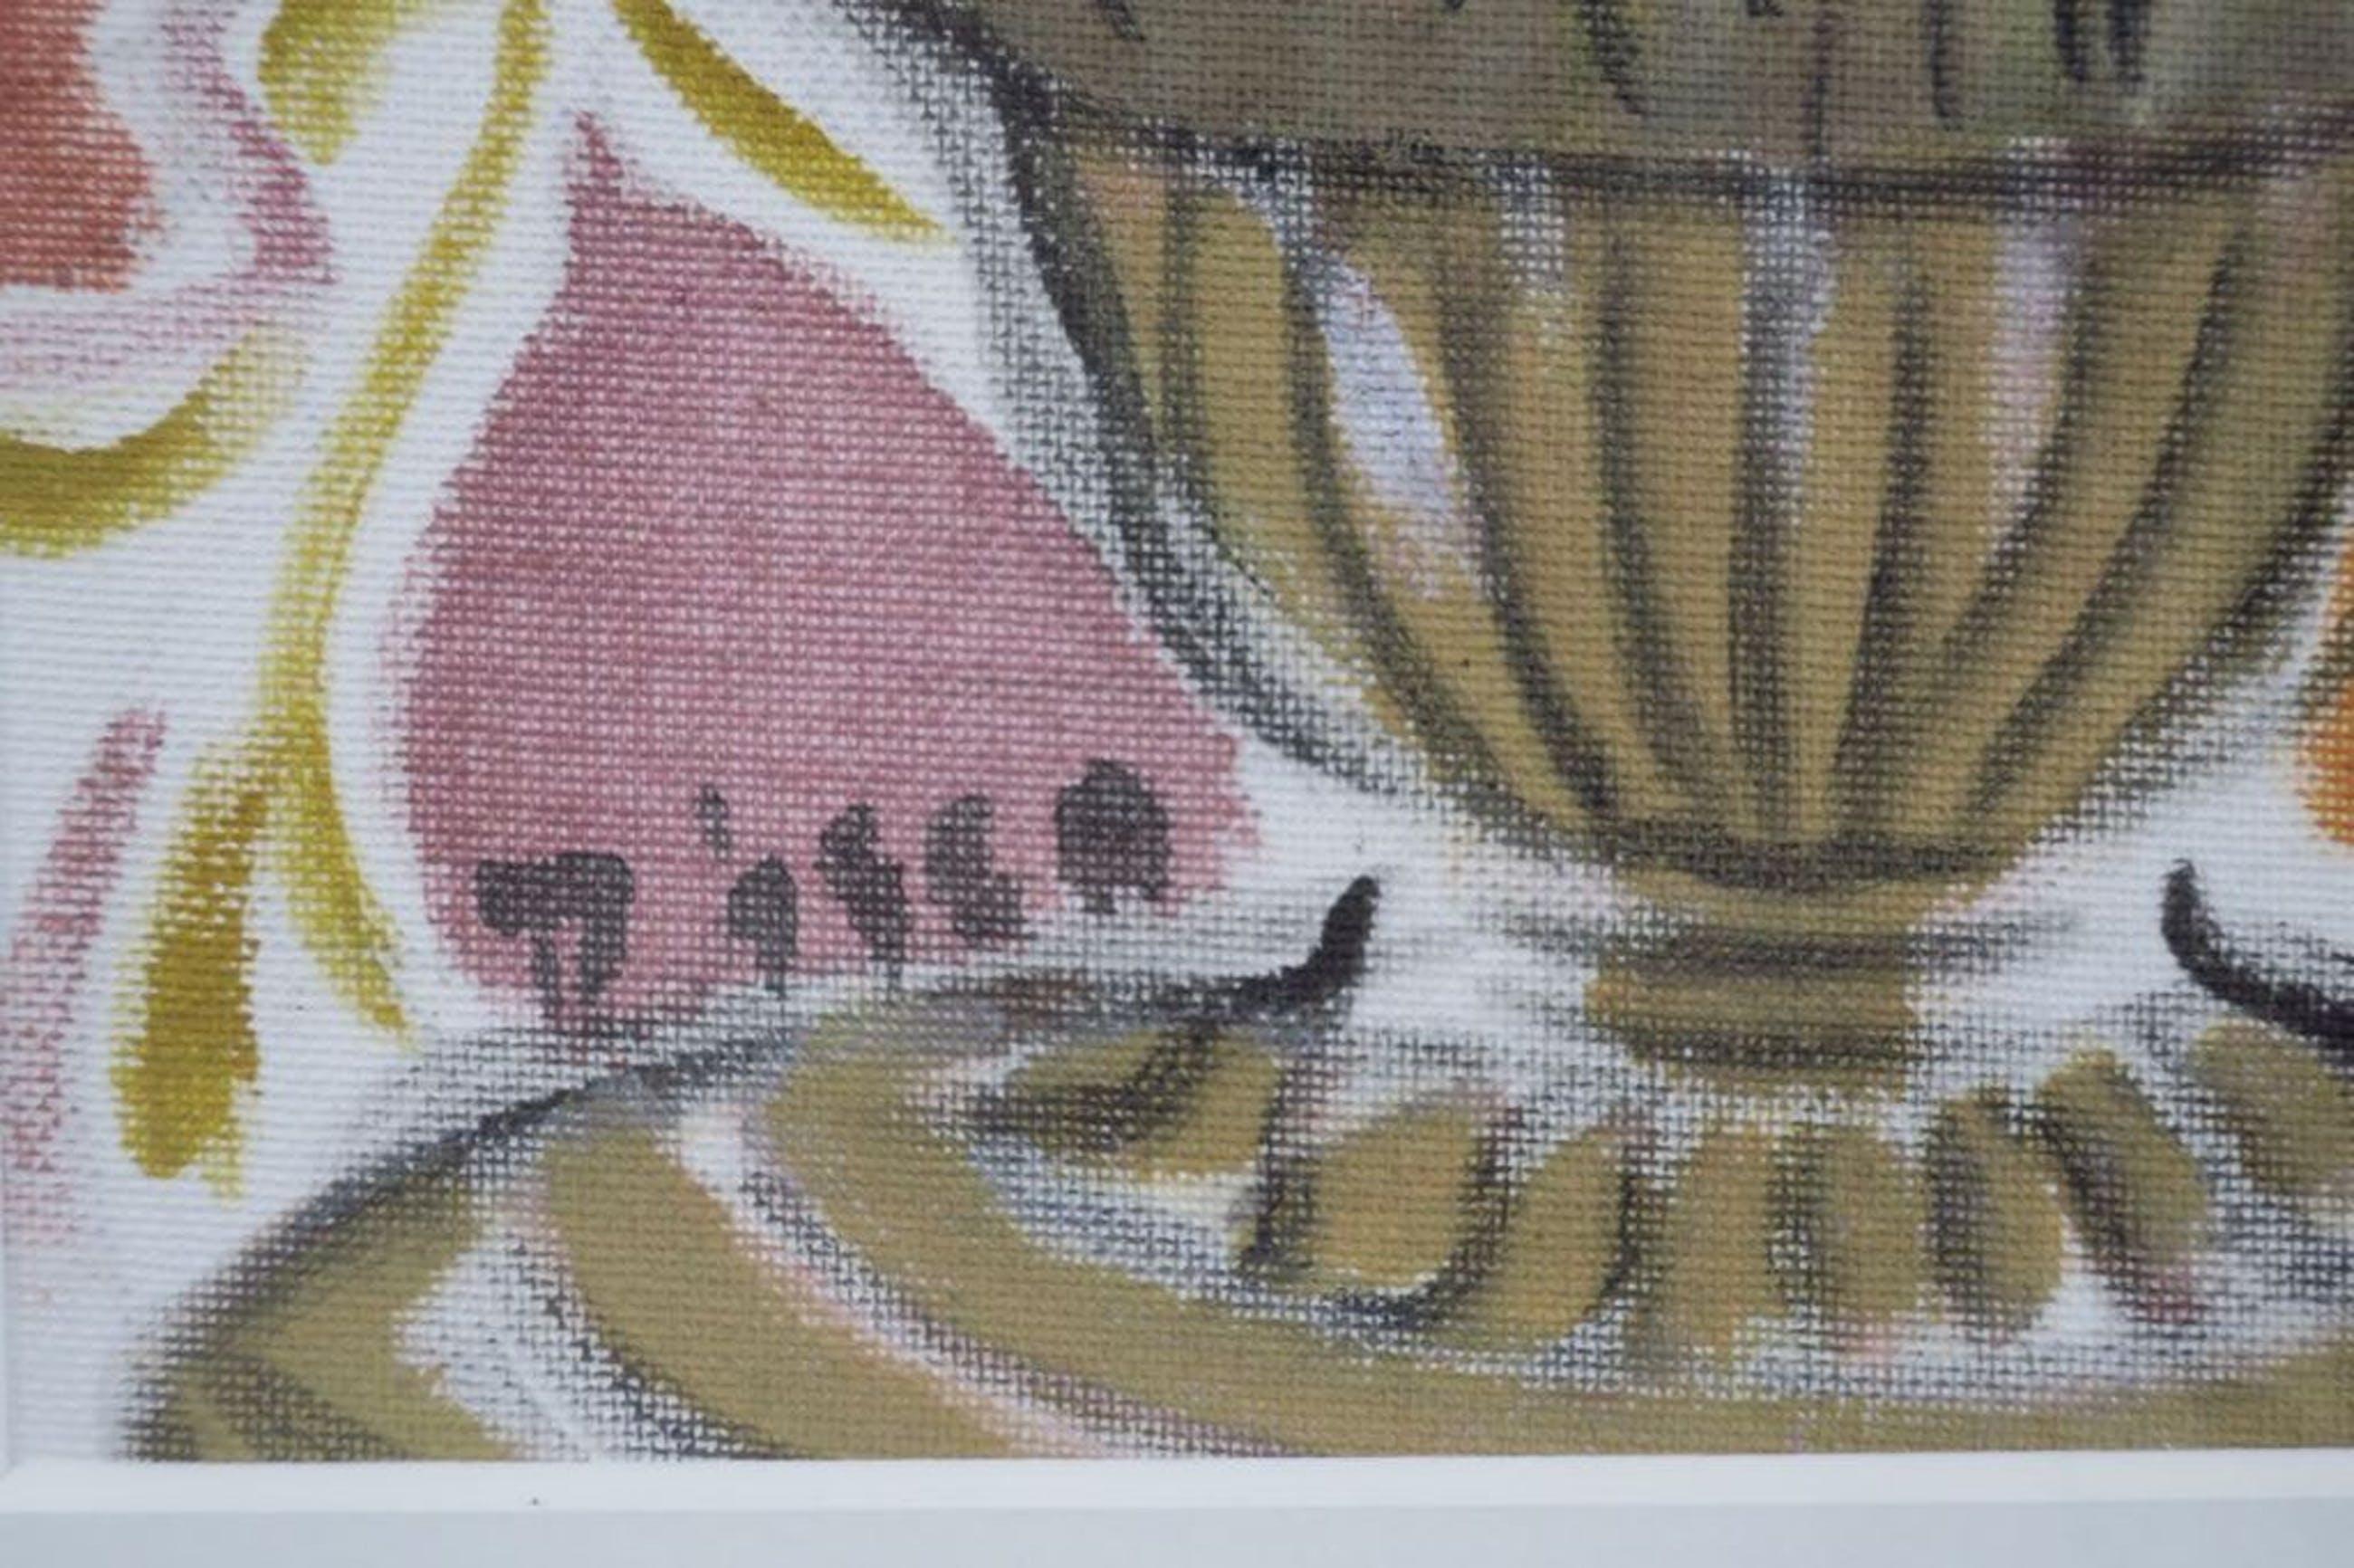 Betty Disco: Acryl op canvaspapier, Yesteryear, Images... - Ingelijst kopen? Bied vanaf 35!